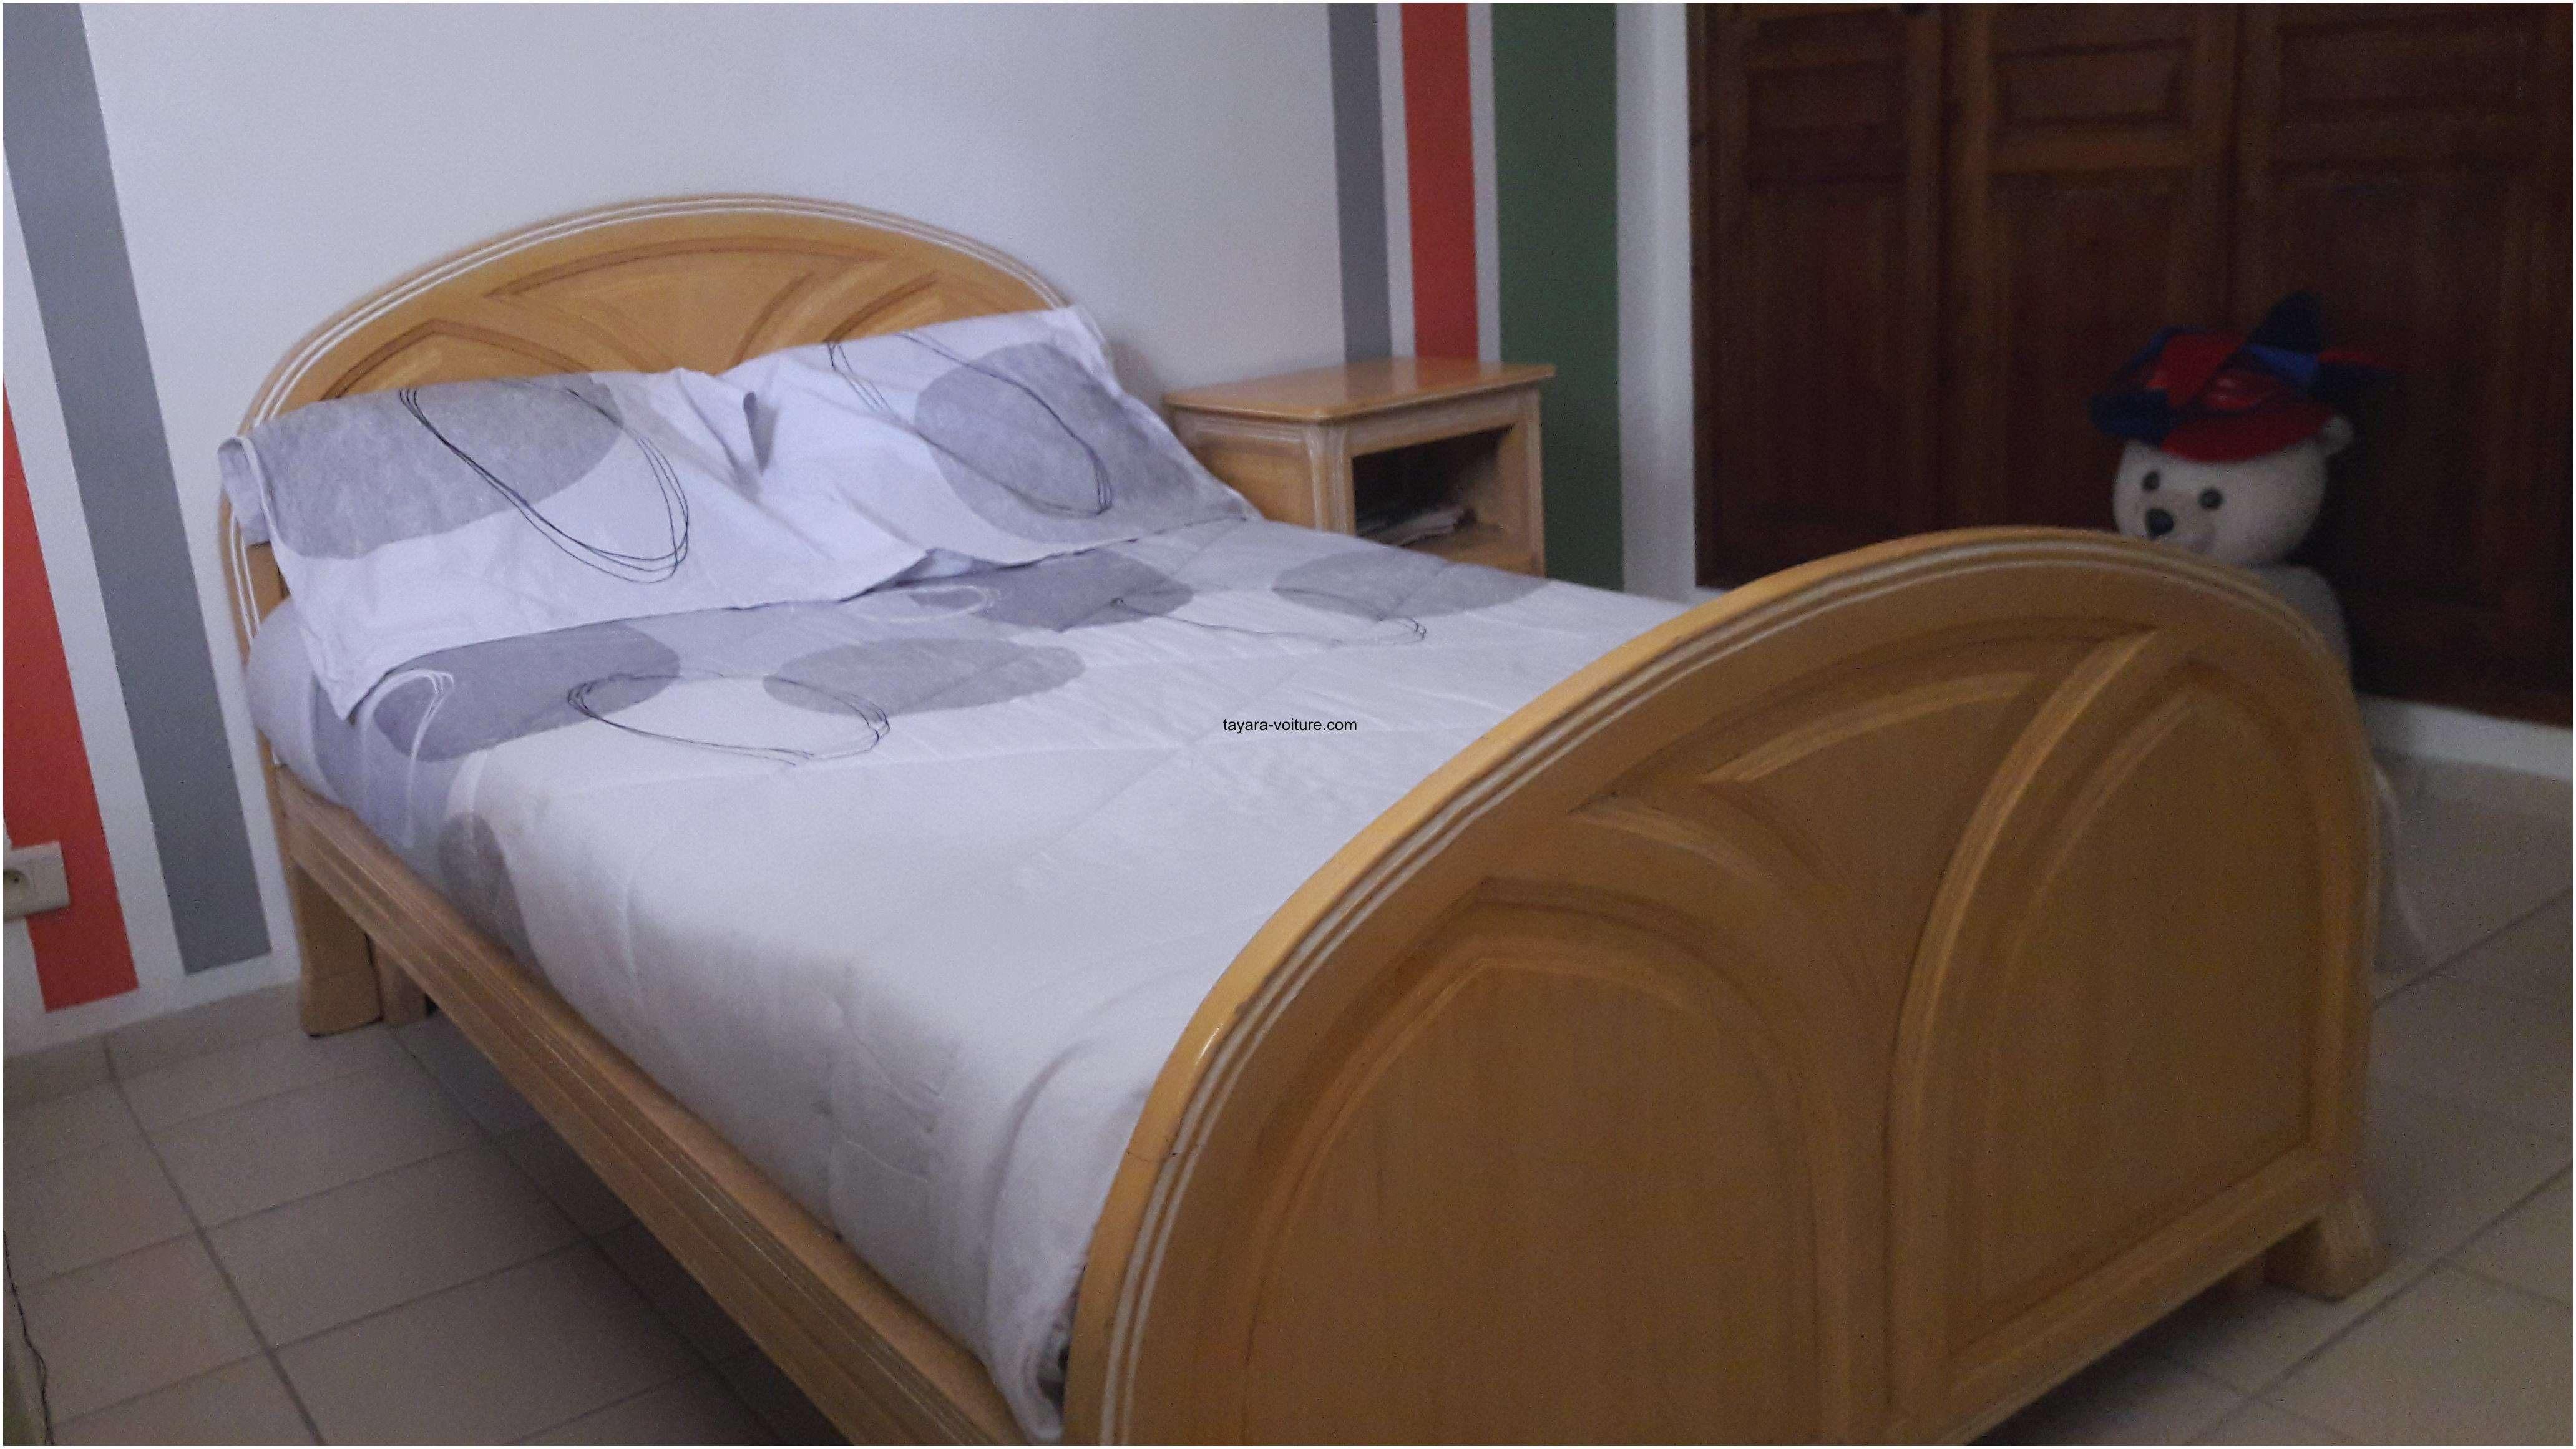 Canape Lit Exterieur Charmant Impressionnant Chambre A Coucher Ikea Banquette Lit Bz Génial Bz